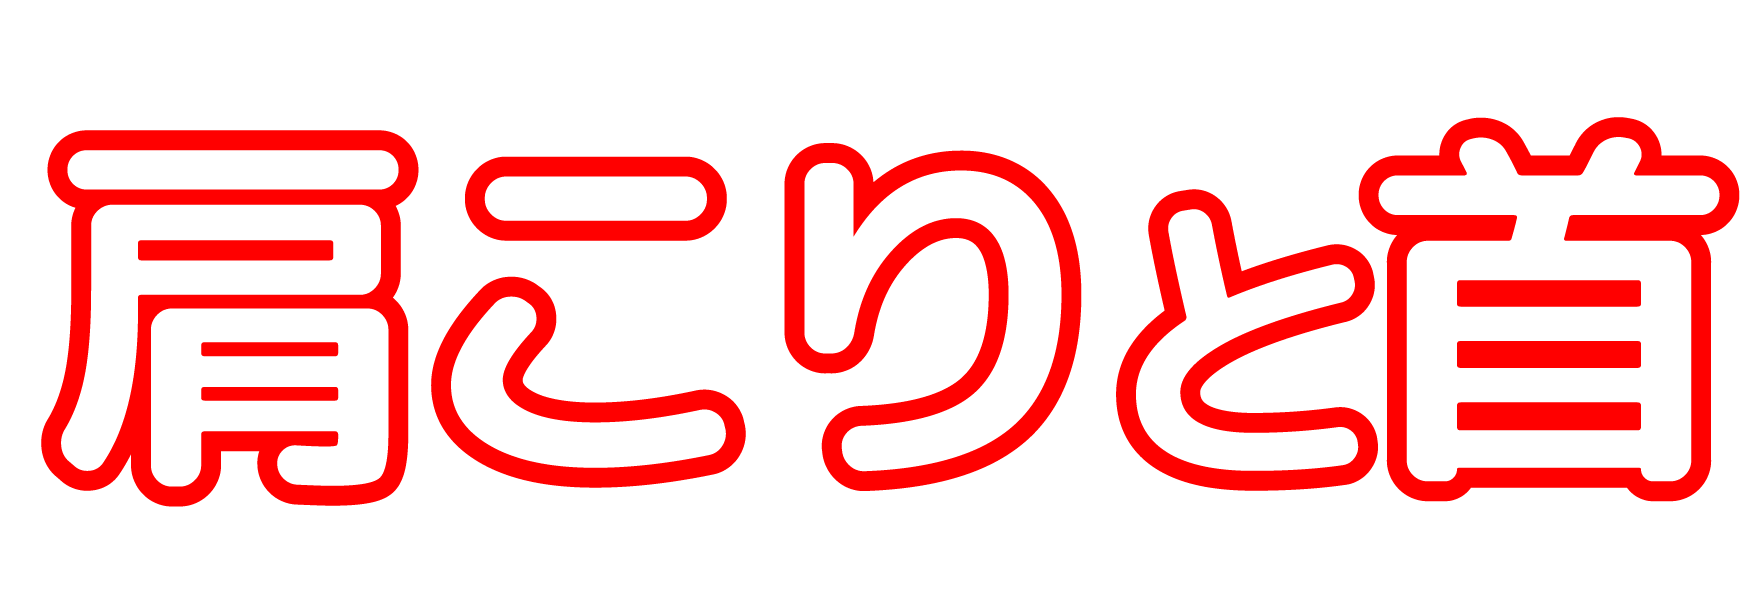 「肩こりと首」文字デザインイラスト!無料ダウンロード素材